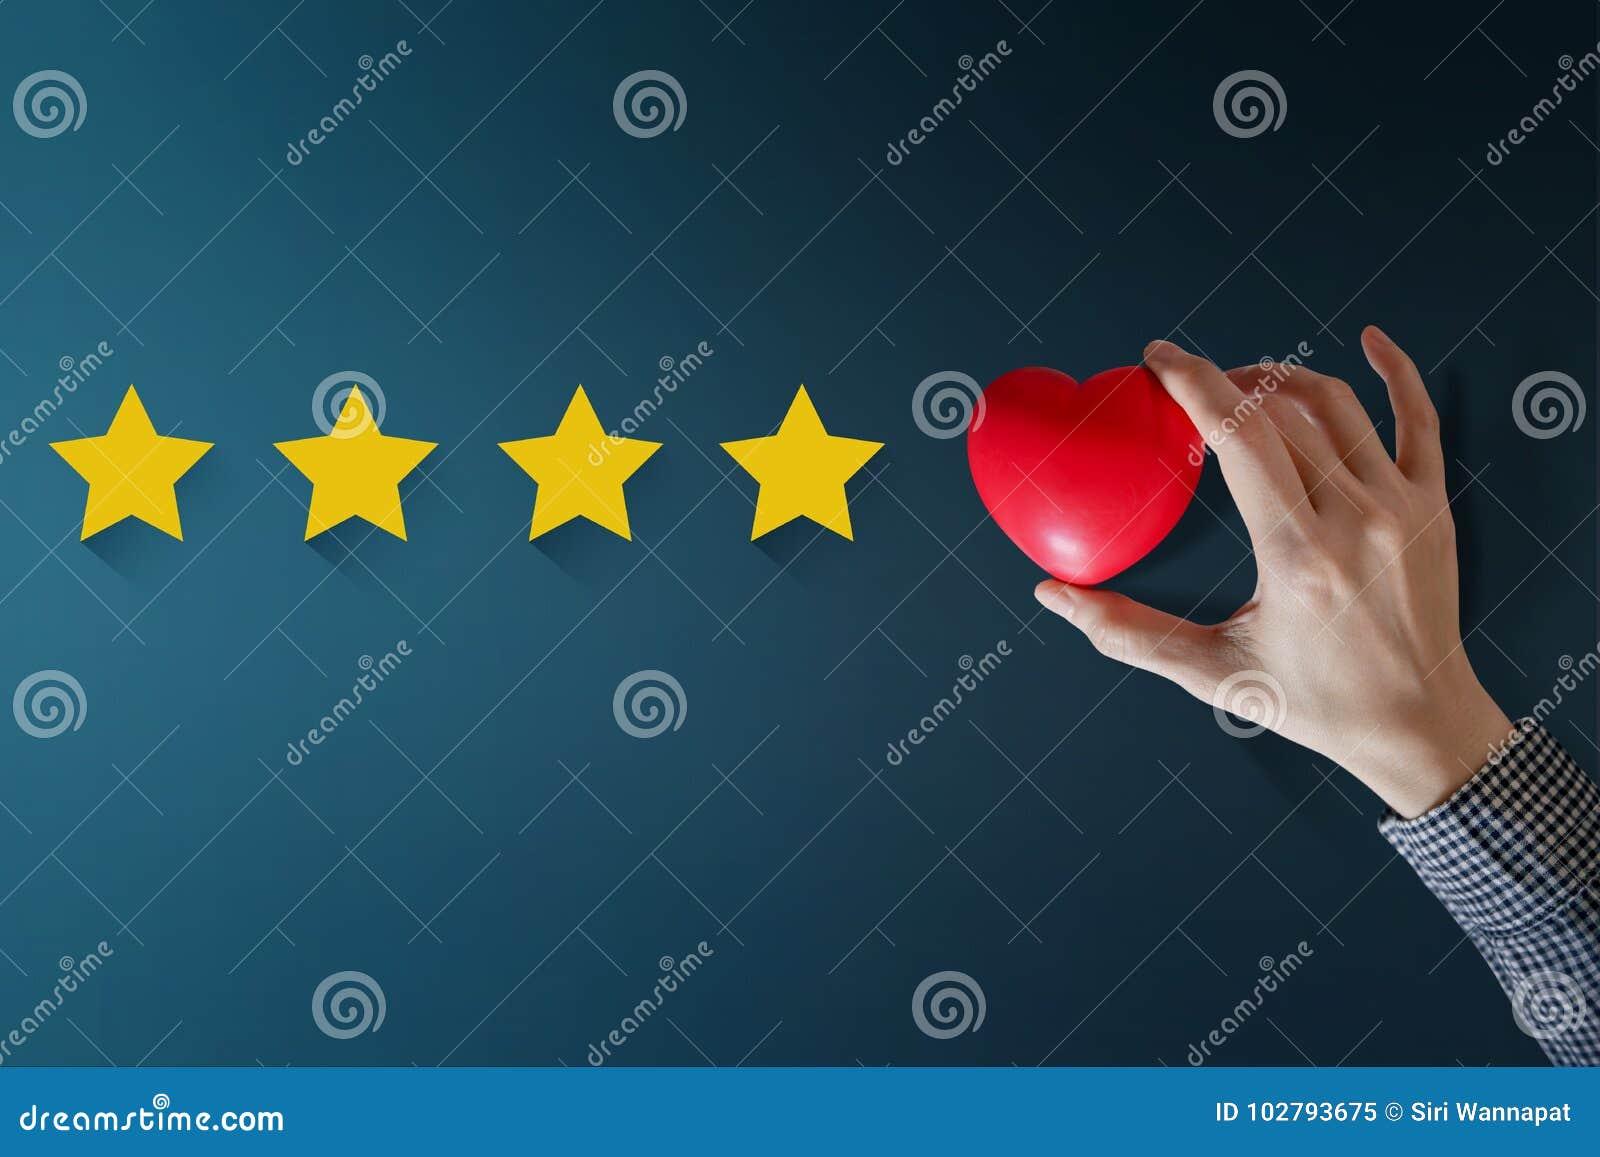 Concetto di esperienza del cliente, migliori servizi eccellenti che valutano per